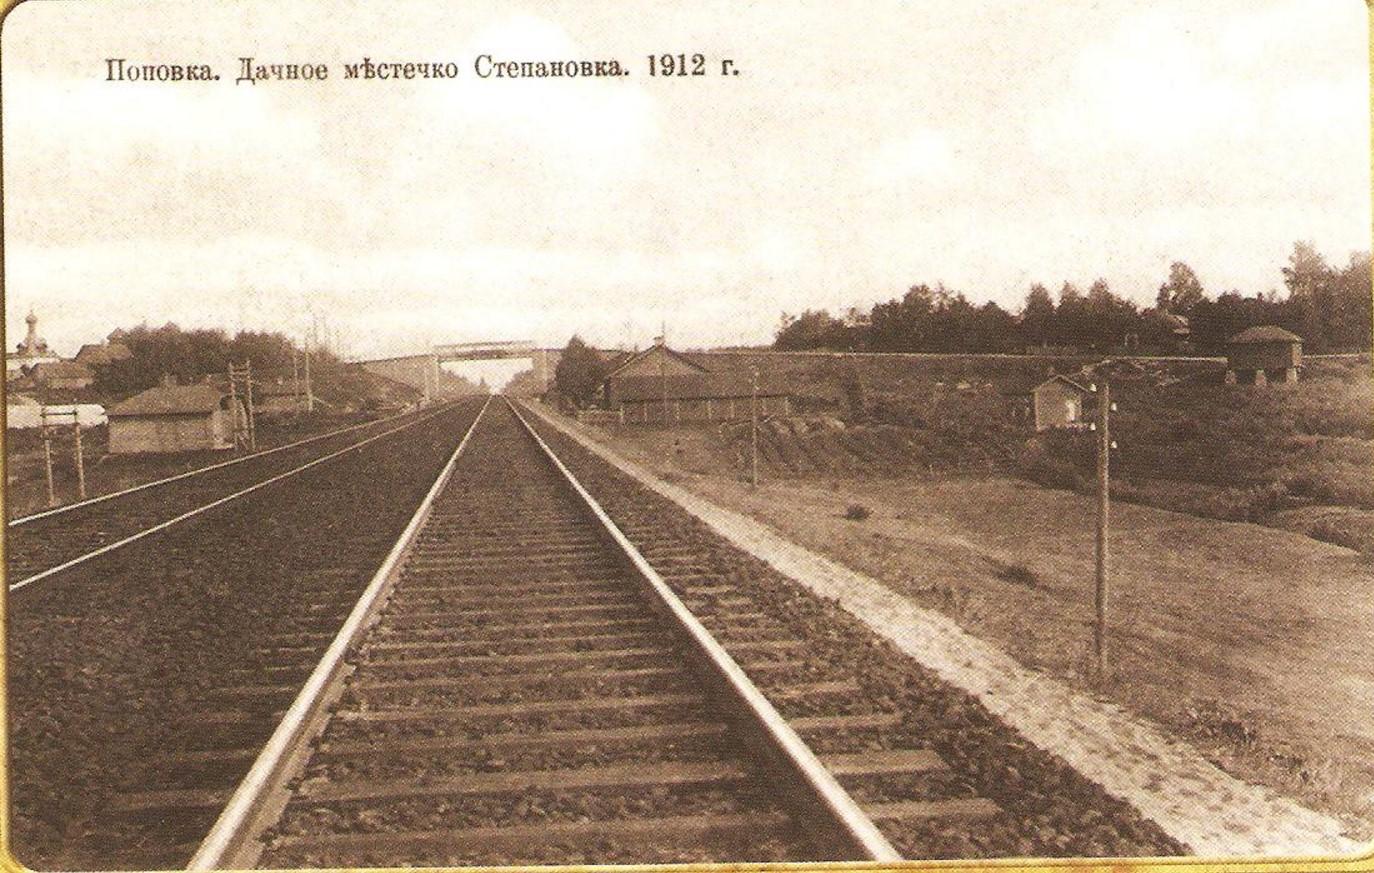 Дачное местечко Степановка. 1912